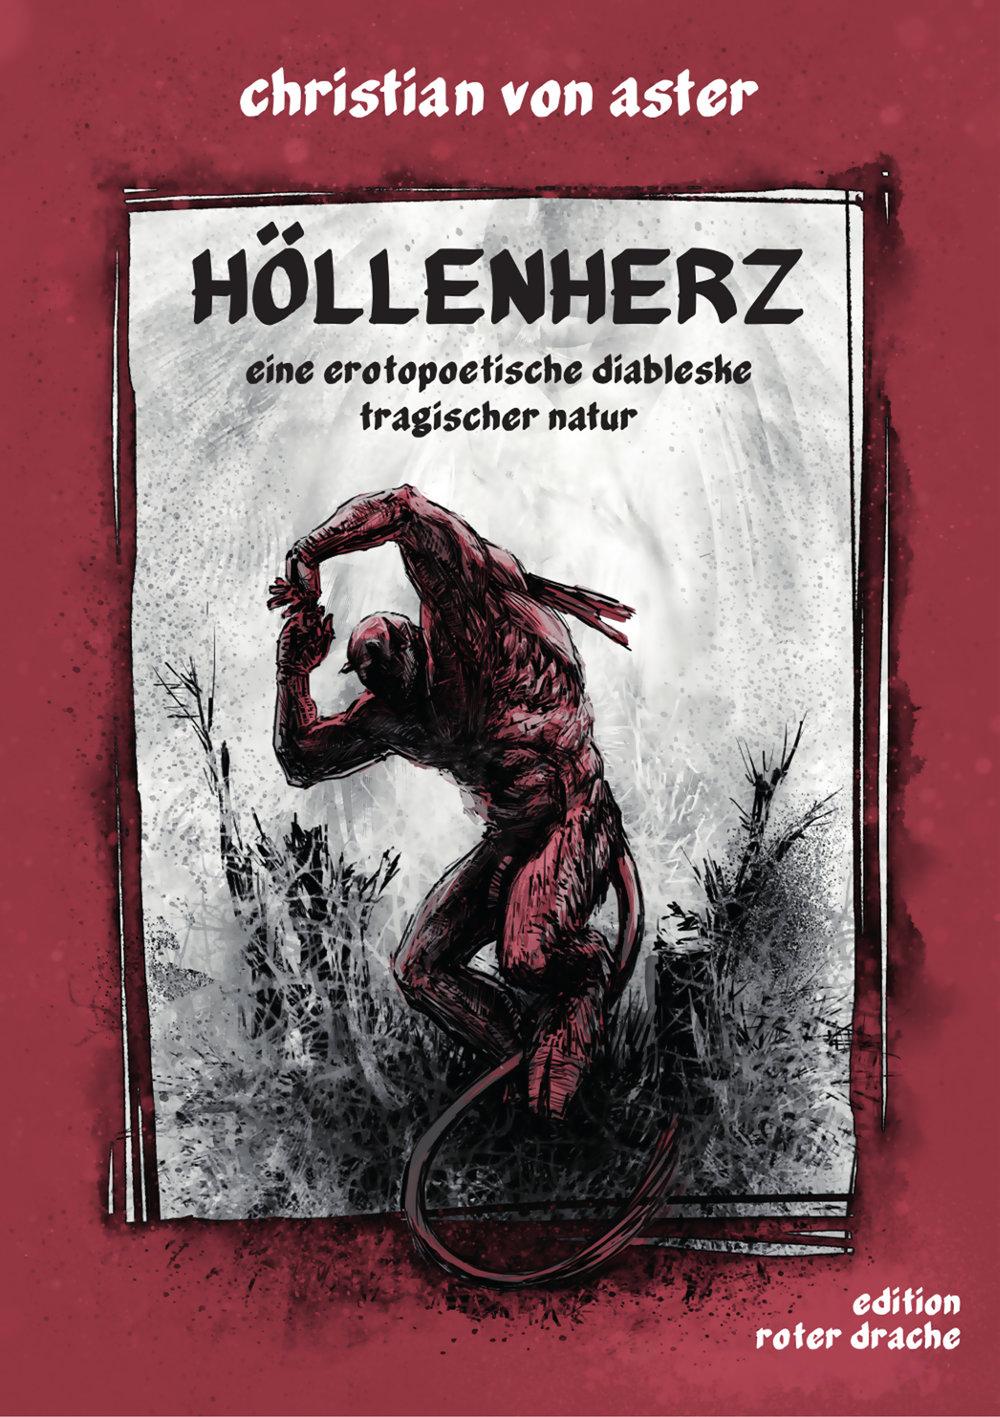 Von_Aster_Christian_Höllenherz_phantastik-autoren-netzwerk.jpg